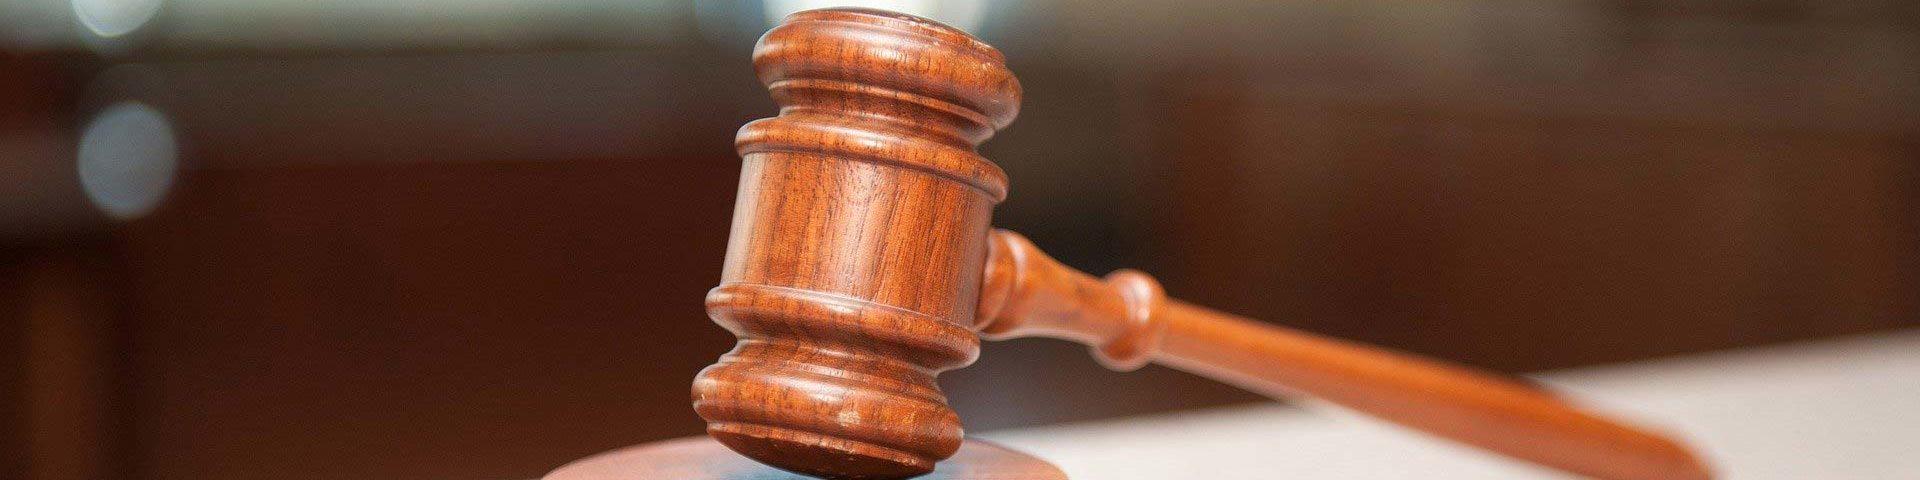 Právní rady – právník zdarma